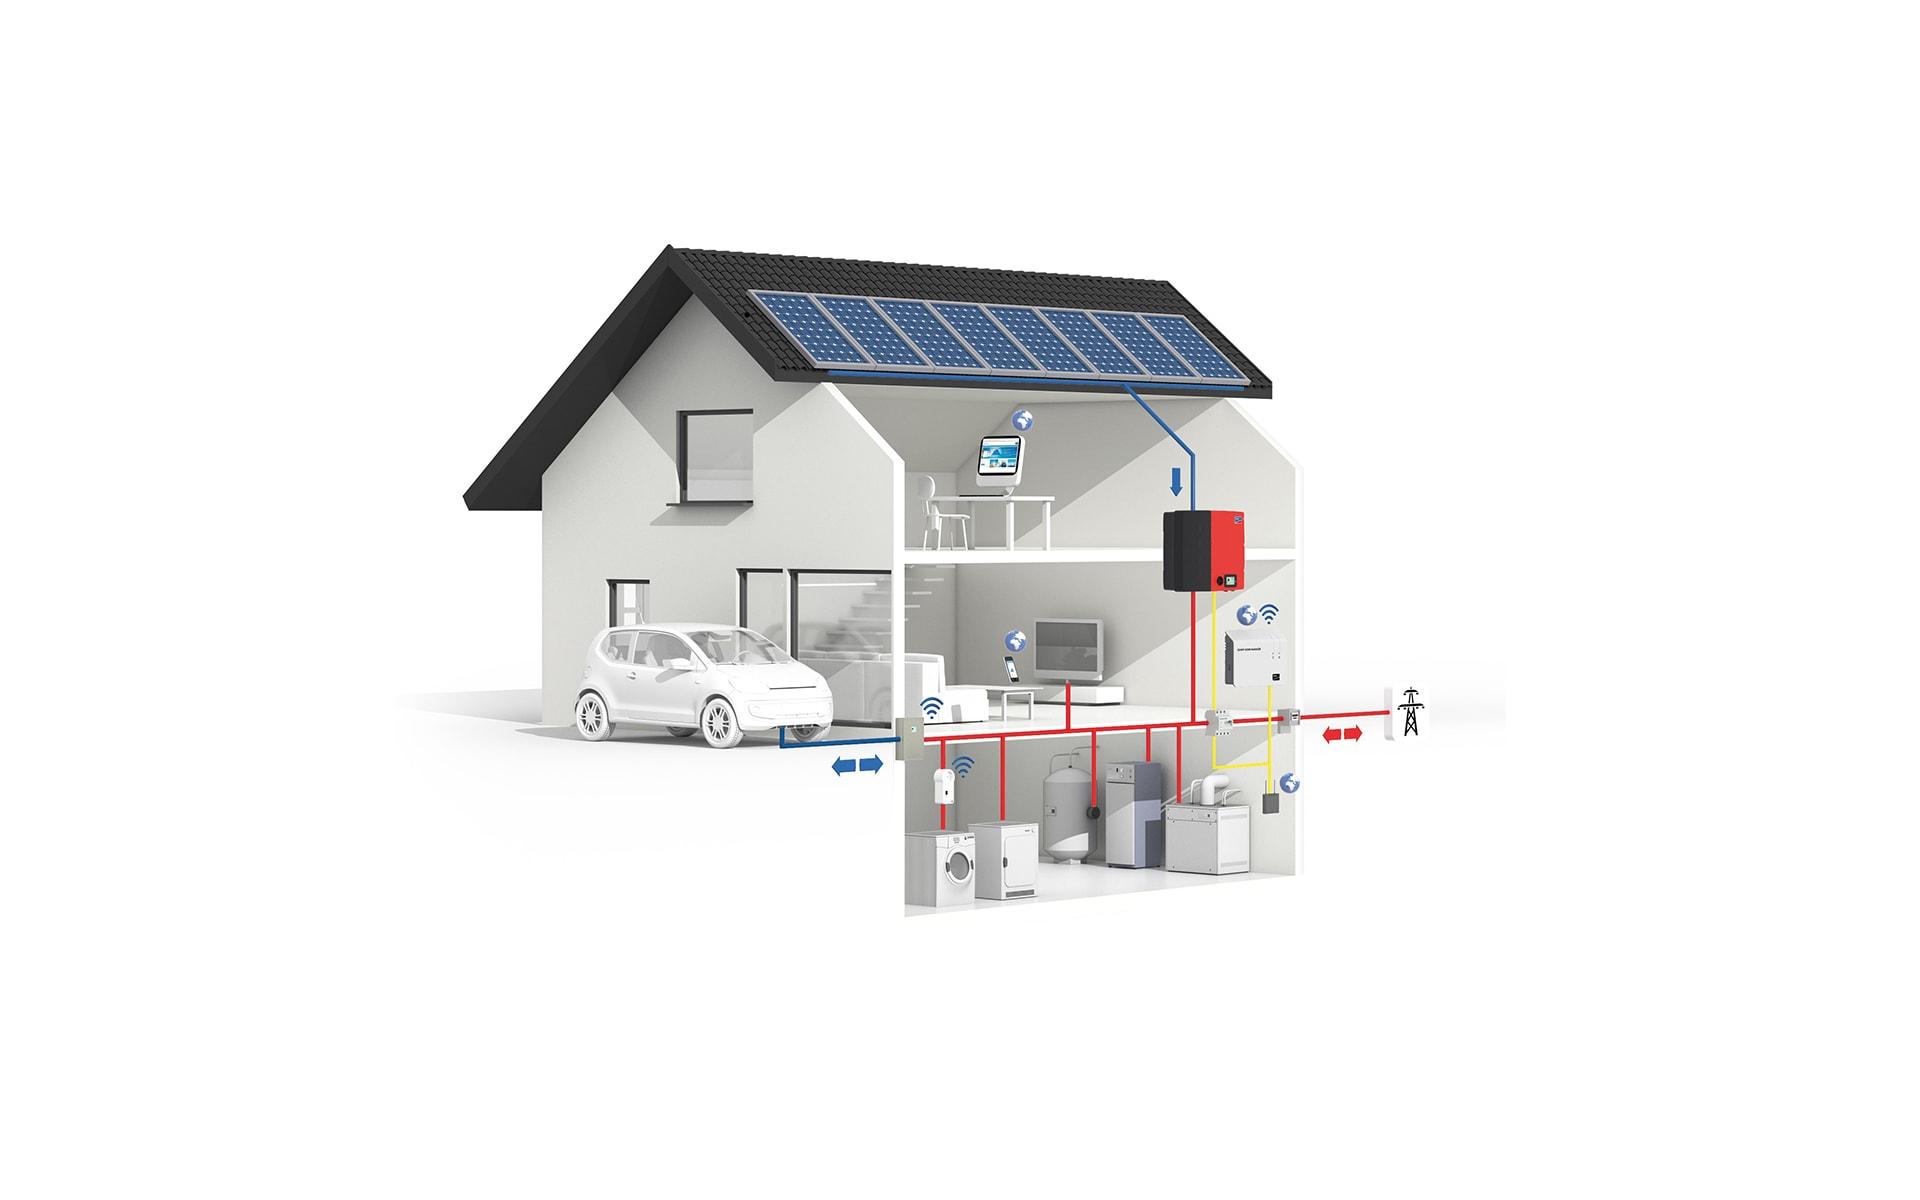 mehr solarstrom im haus verbrauchen ein neues handbuch bfe magazin energeiaplus. Black Bedroom Furniture Sets. Home Design Ideas